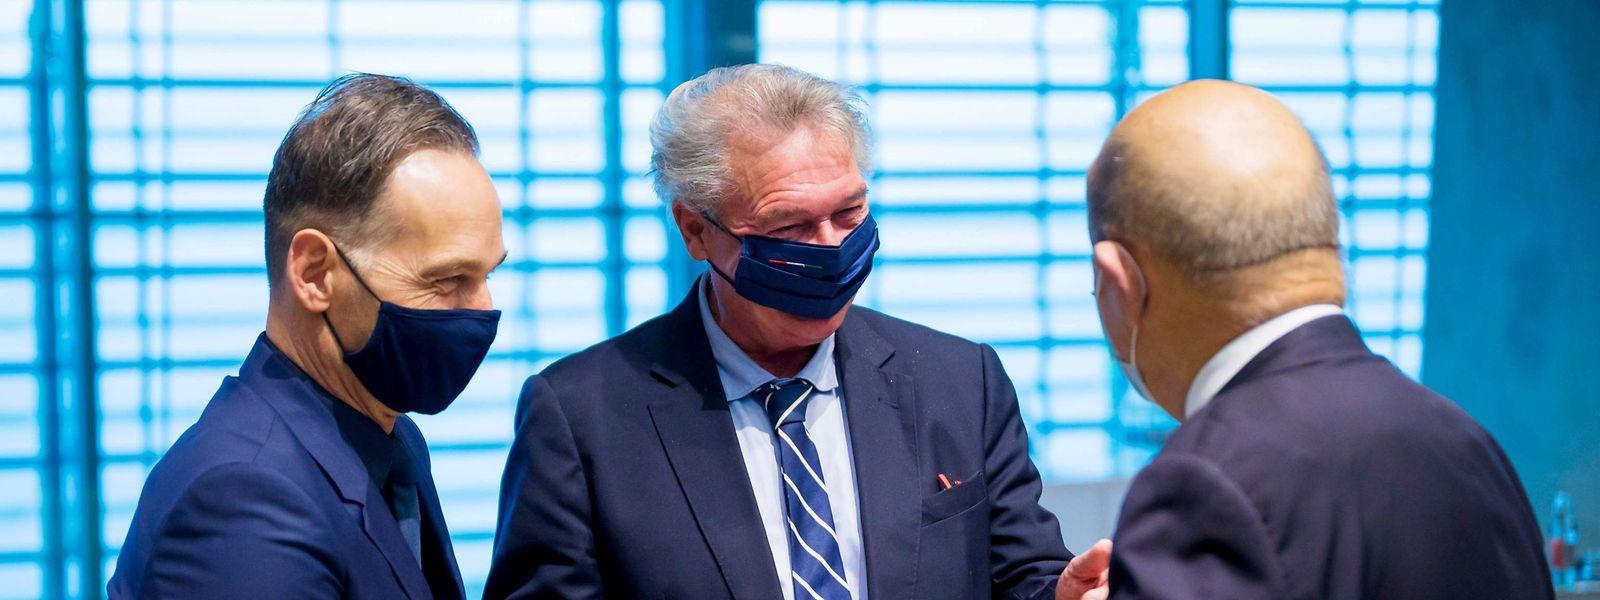 Der luxemburgische Außenminister Jean Asselborn (LSAP, mitte) mit seinen Amtskollegen Heiko Maas (Deutschland, links) und Jean-Yves Le Drian (Frankreich, rechts).